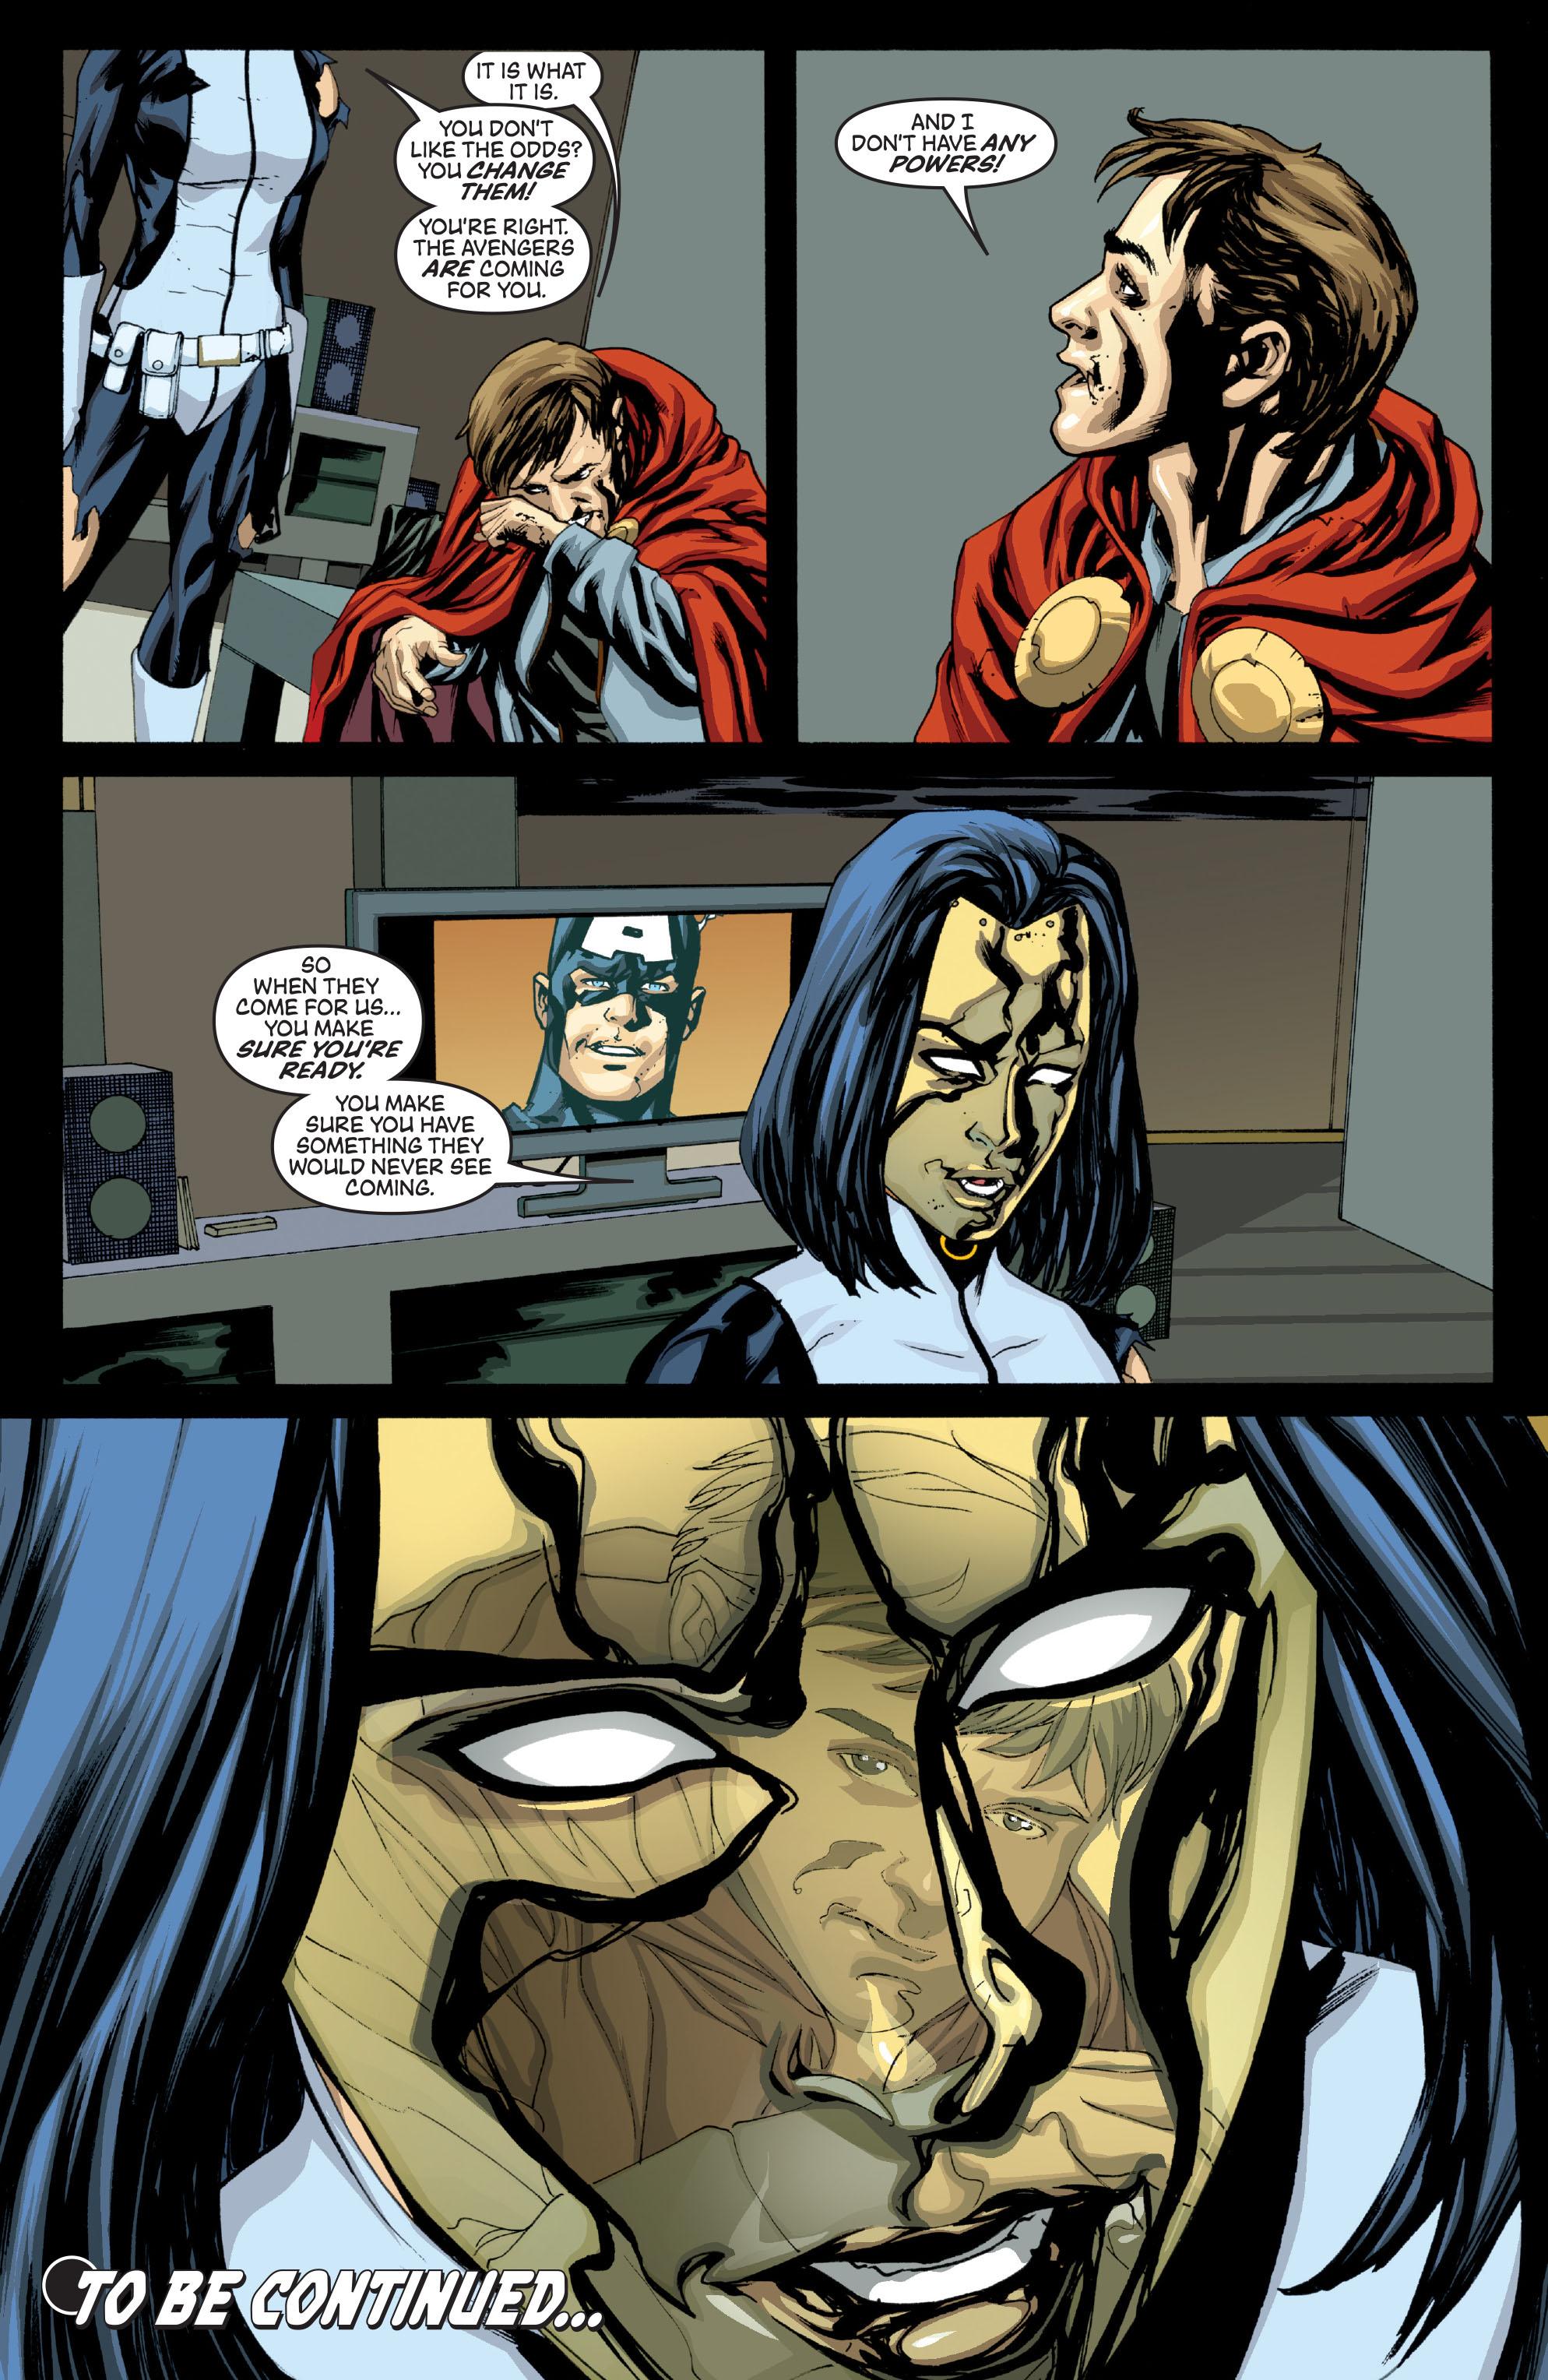 New Avengers (2005) chap 64 pic 20